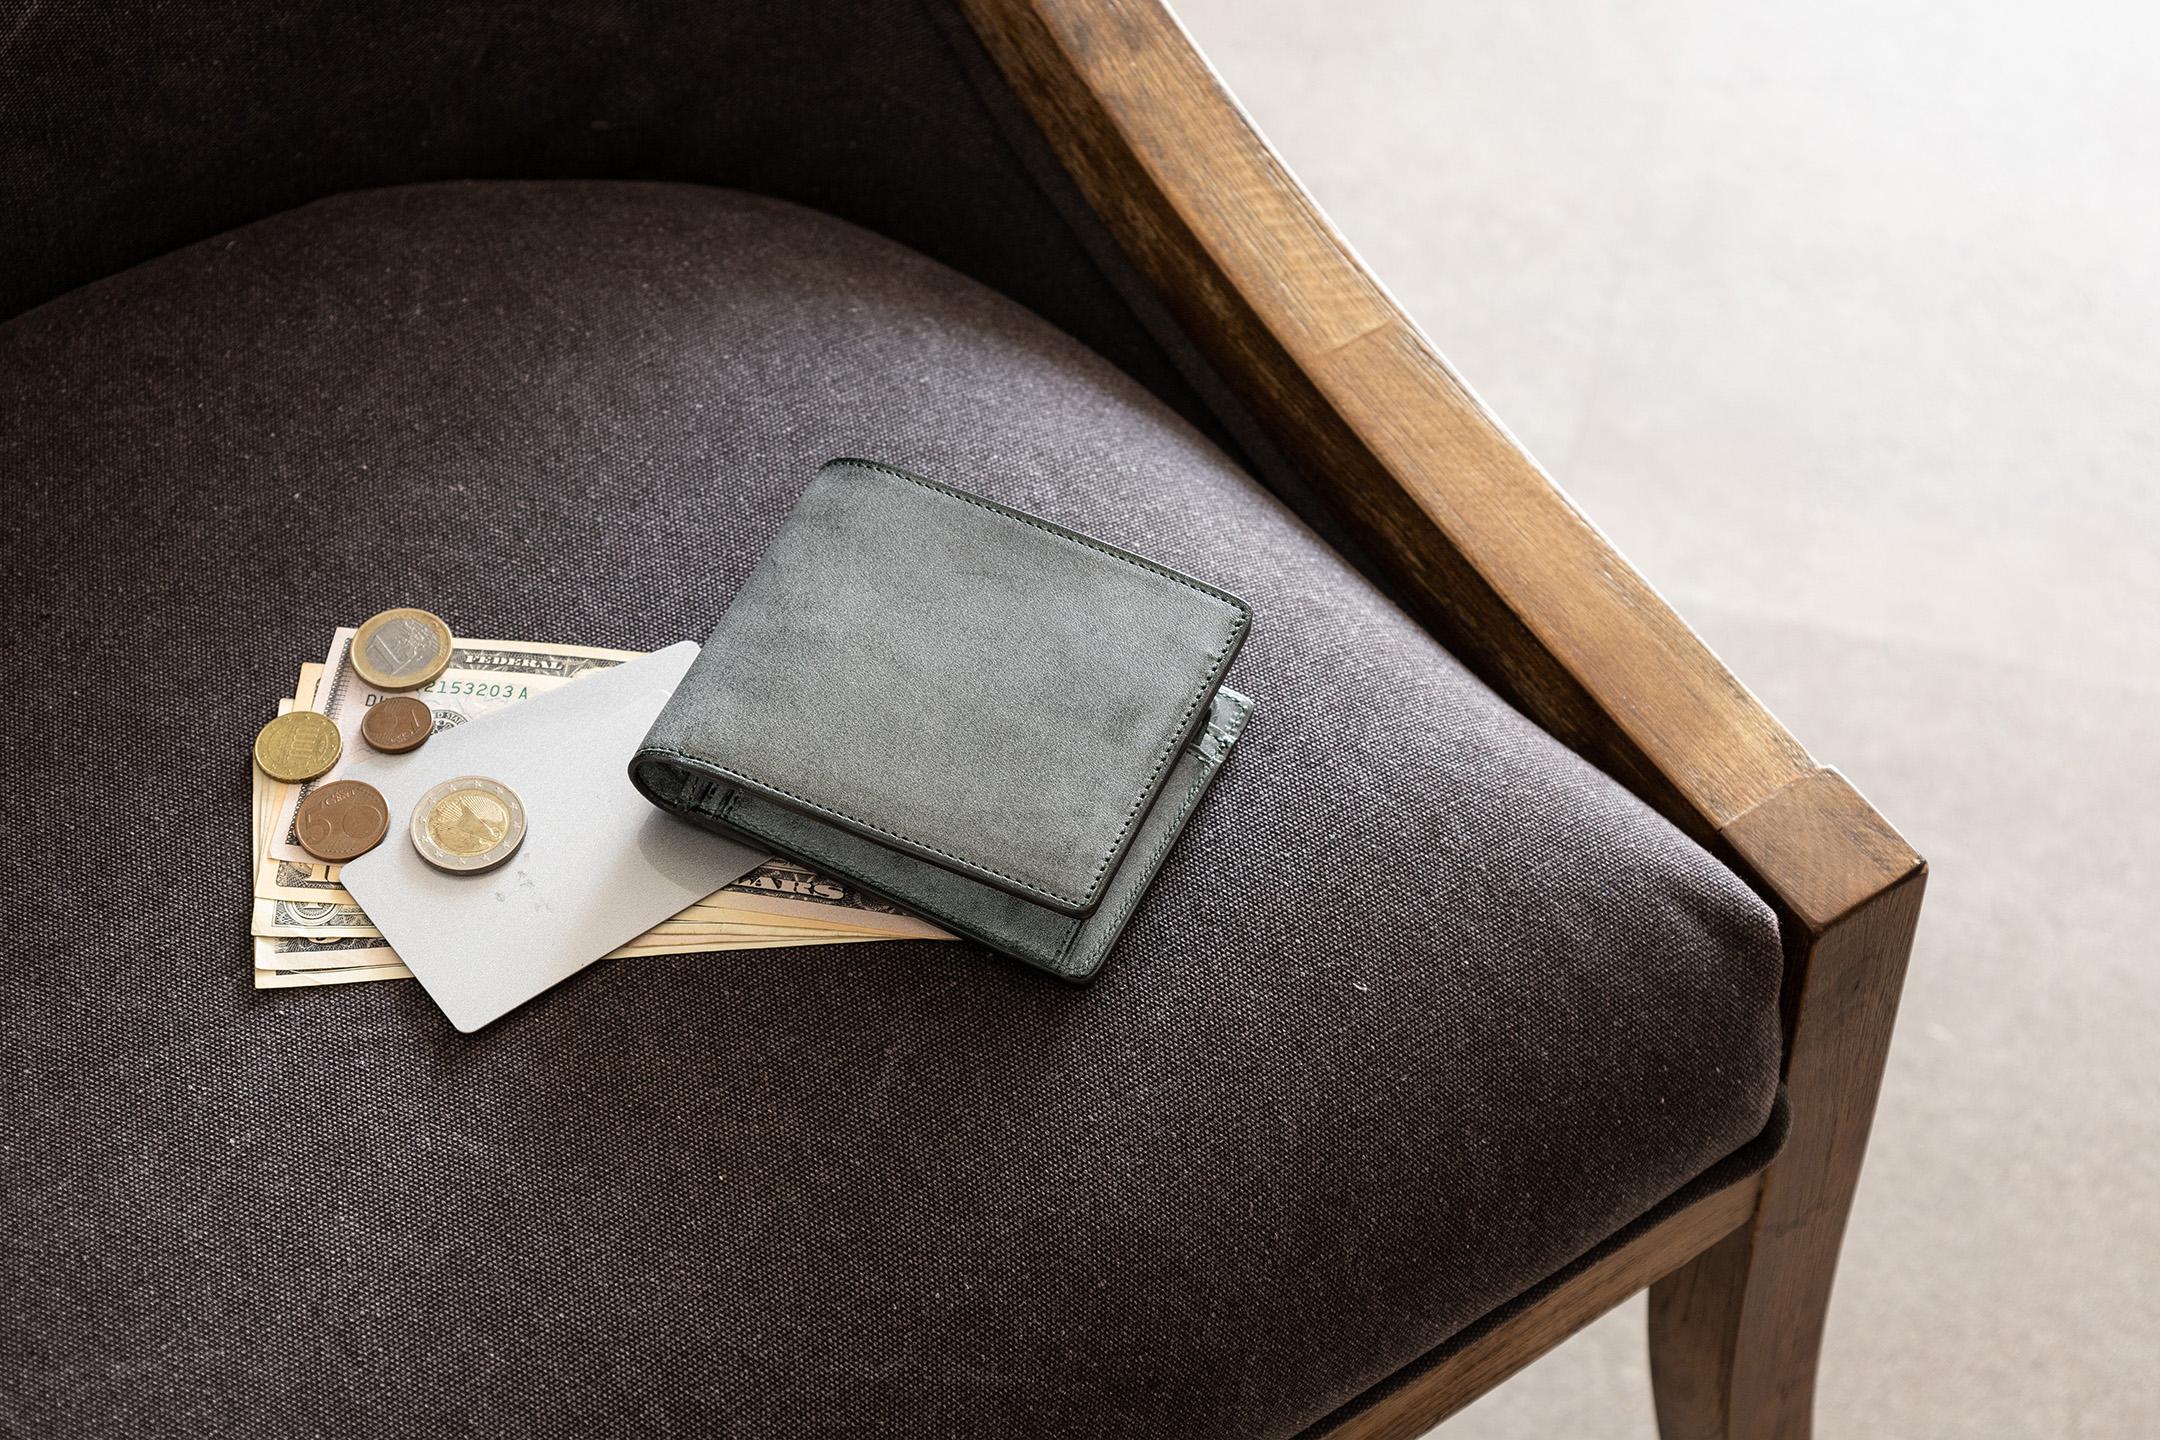 ロロマ 二つ折り財布 by ASUMEDERU(アスメデル)